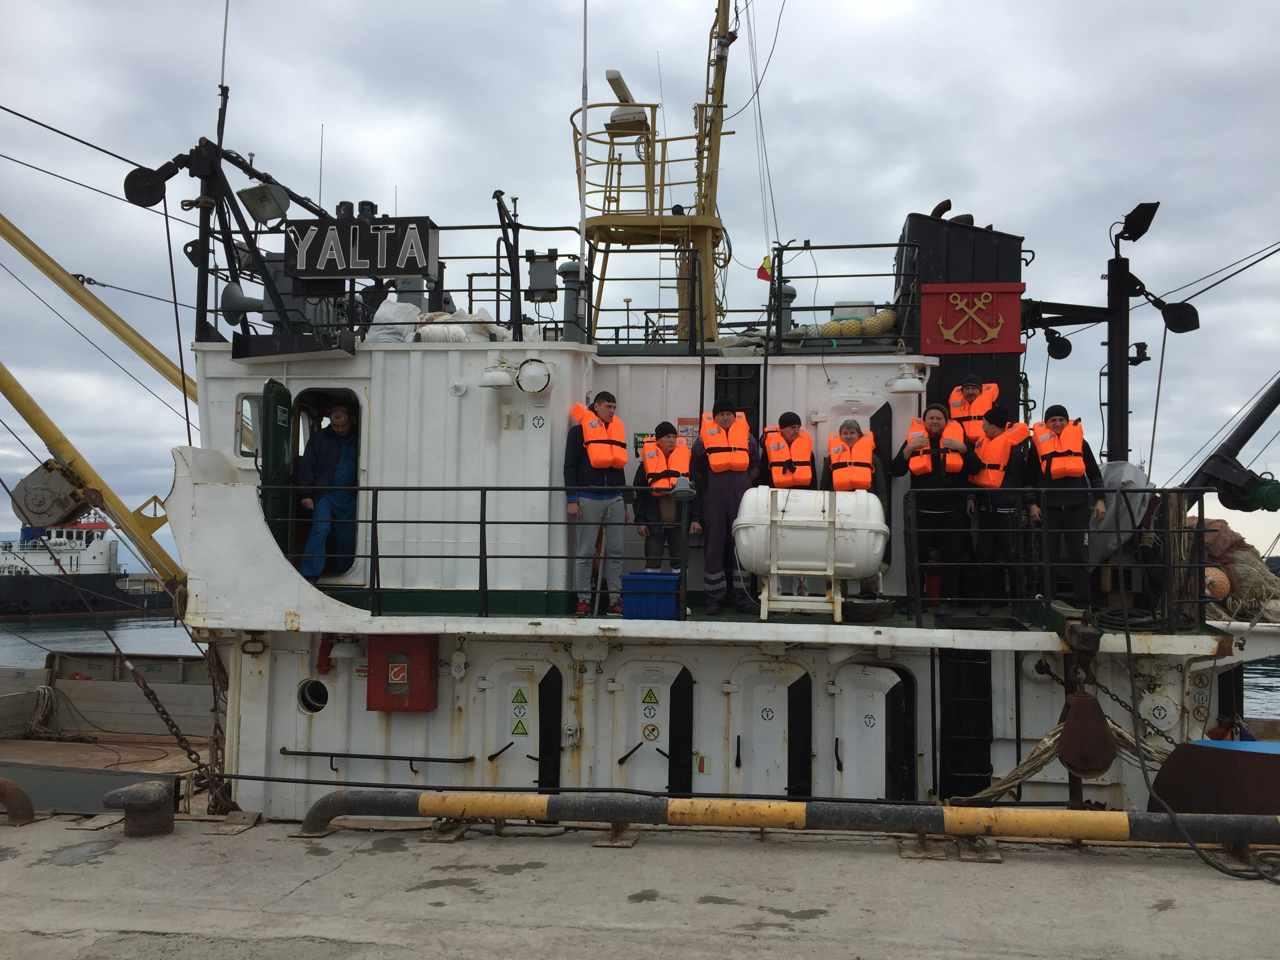 работа на рыболовном судне вакансии работы 2016